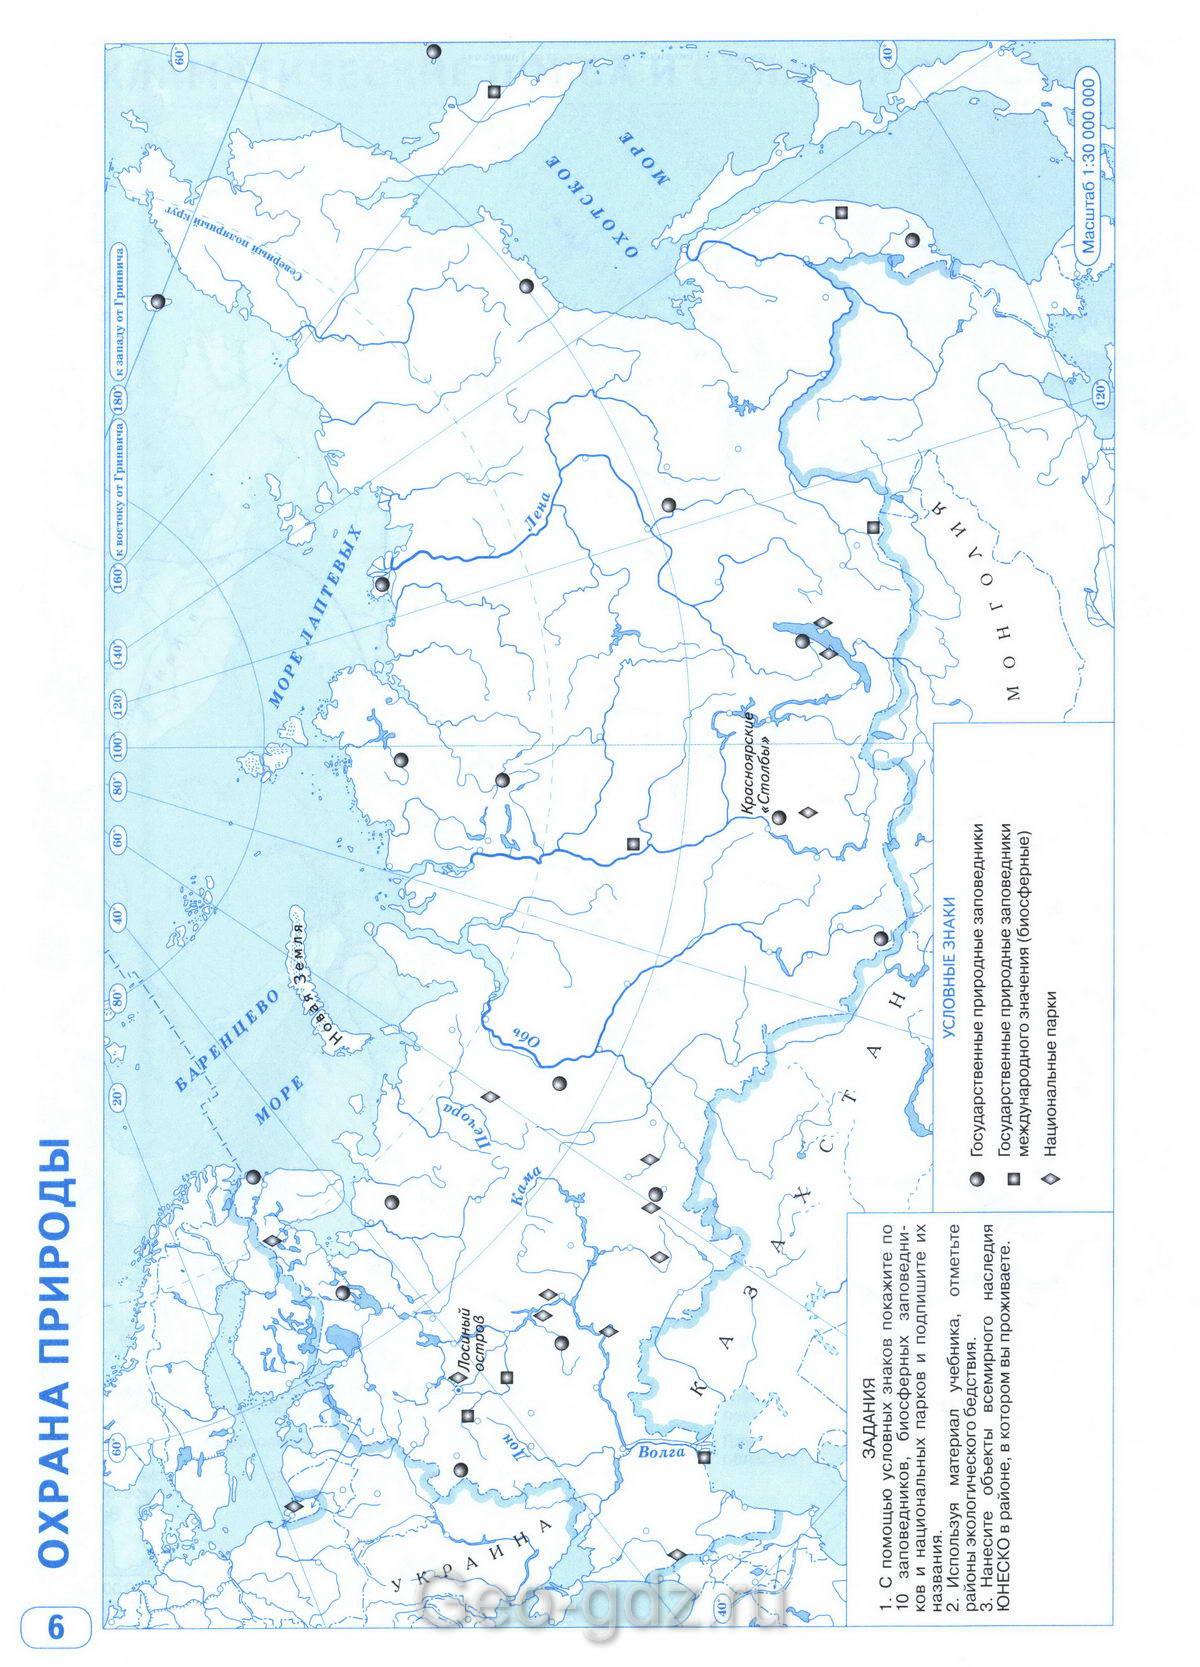 Охрана природы и окружающей среды: источники загрязнения природных ресурсов и охраняемые объекты и территории